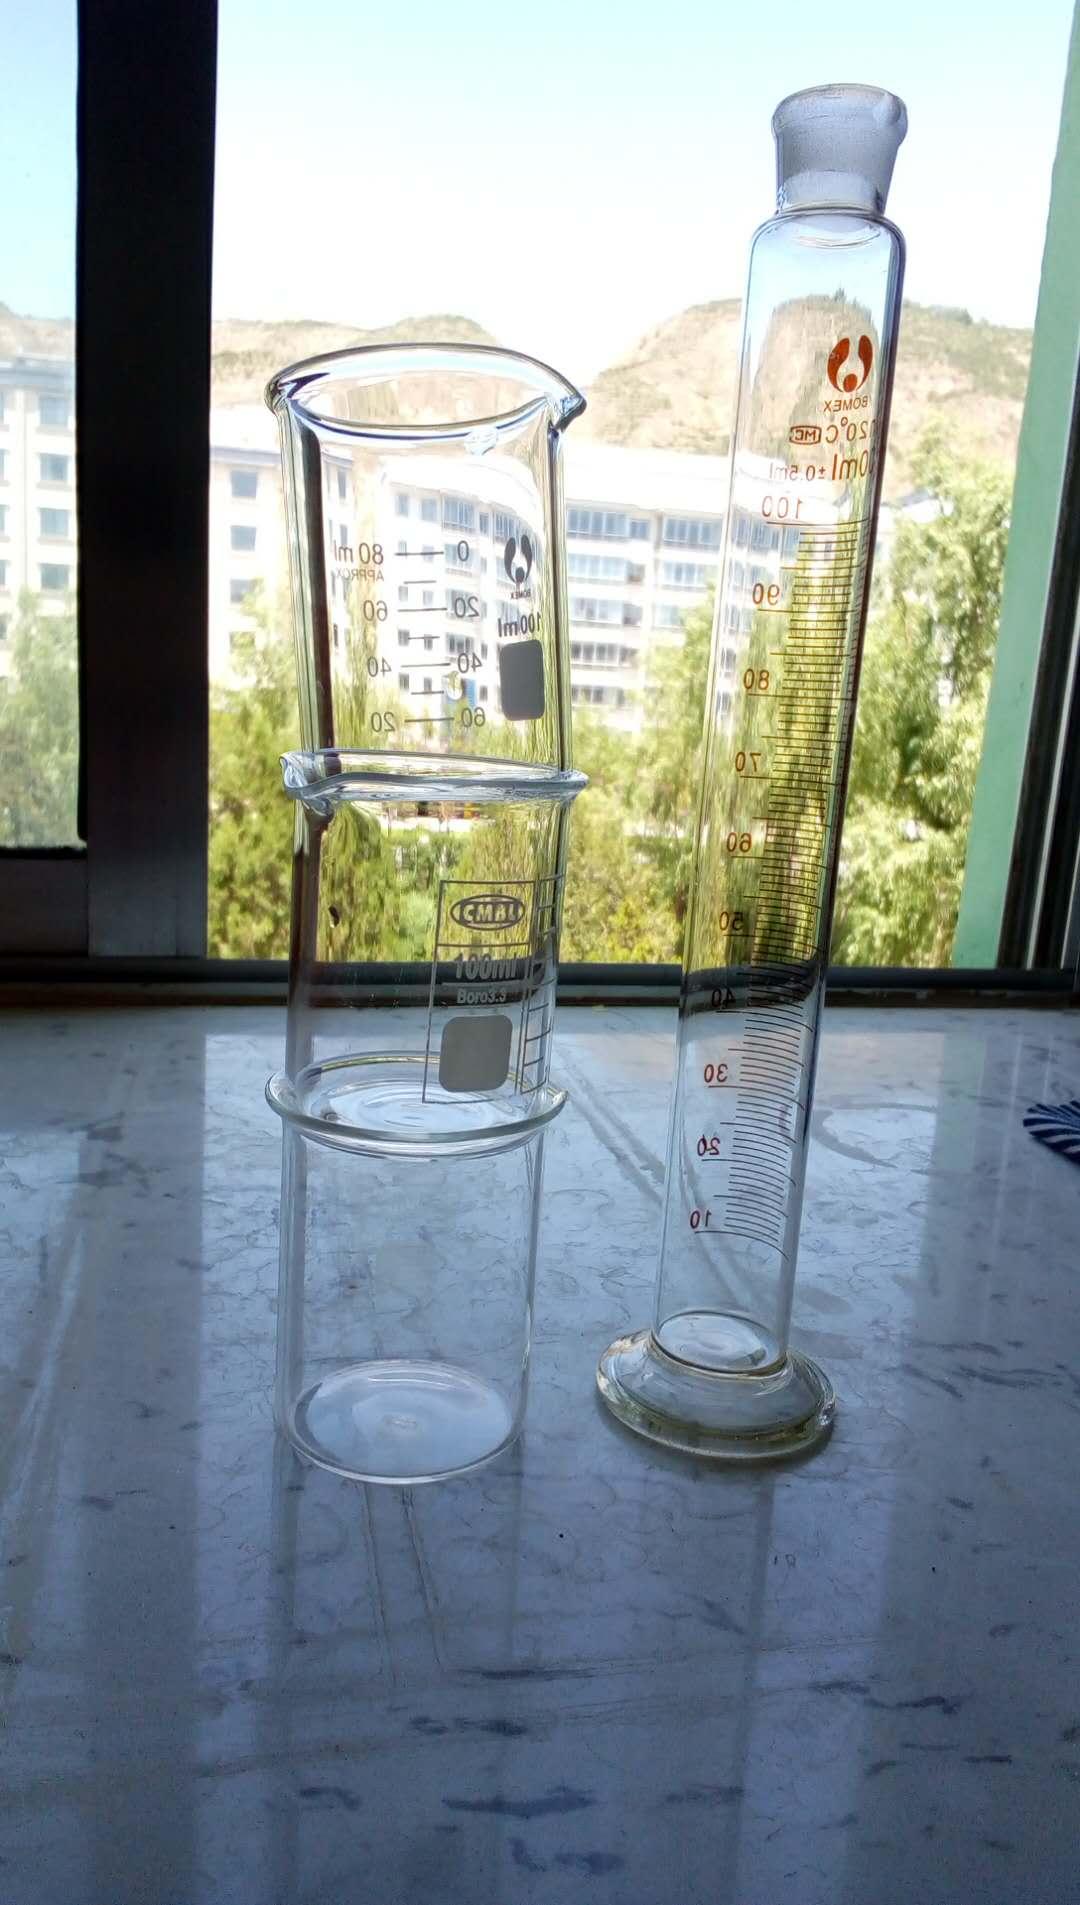 75648409432299435.jpg 燒杯、容量瓶、錐形瓶等不一樣的清洗方式 公司動態 第9張